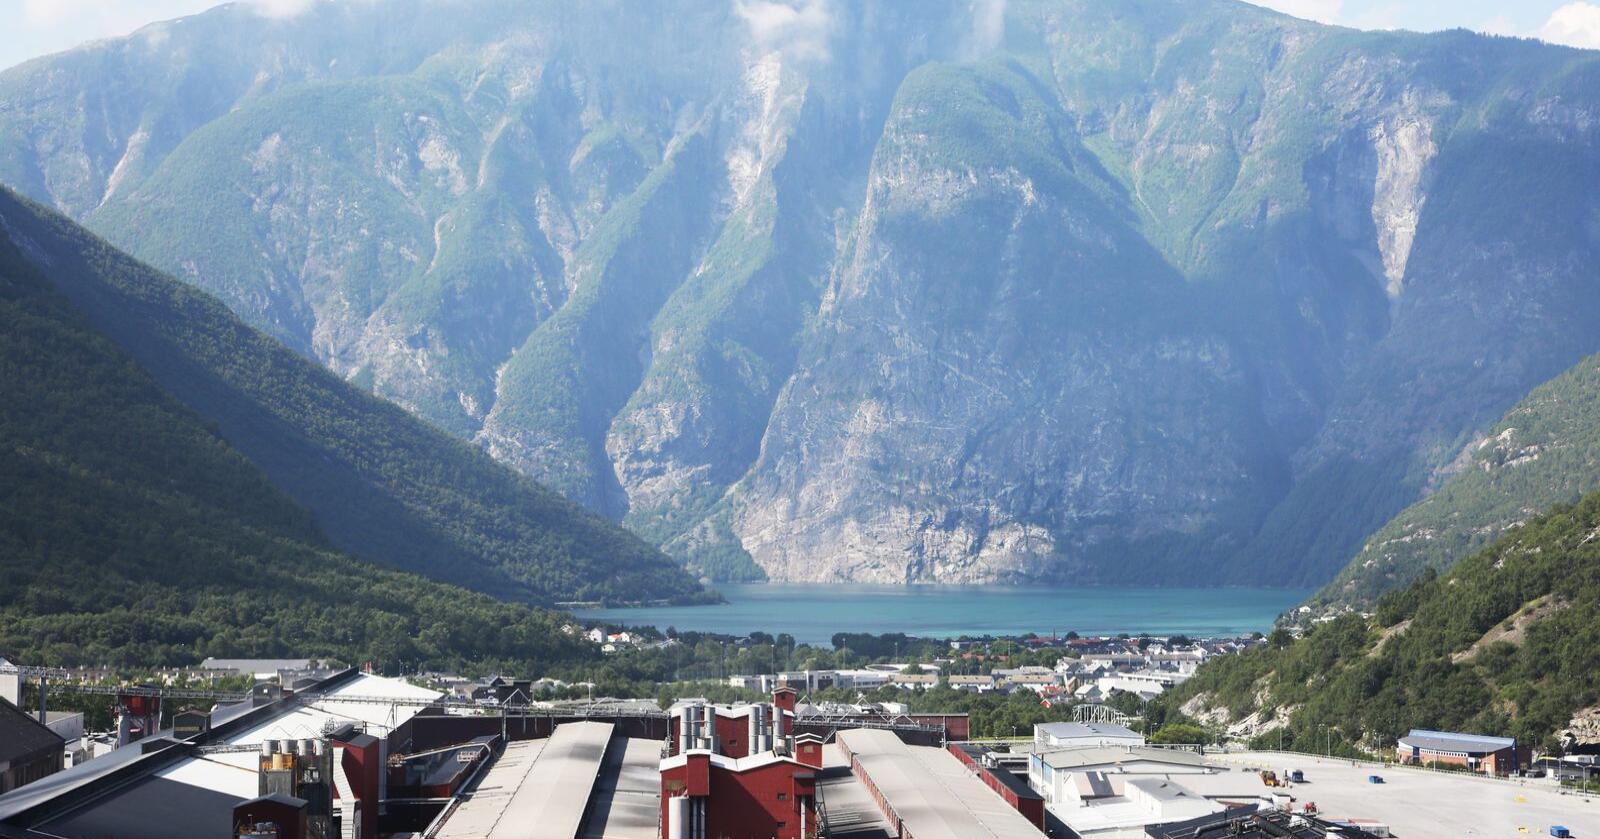 Industribygda og kraftkommunen Årdal har en av de dyreste nettleiene i Norge. Her er Hydro Aluminium i Øvre Årdal. Foto: Erik Johansen / NTB / NPK